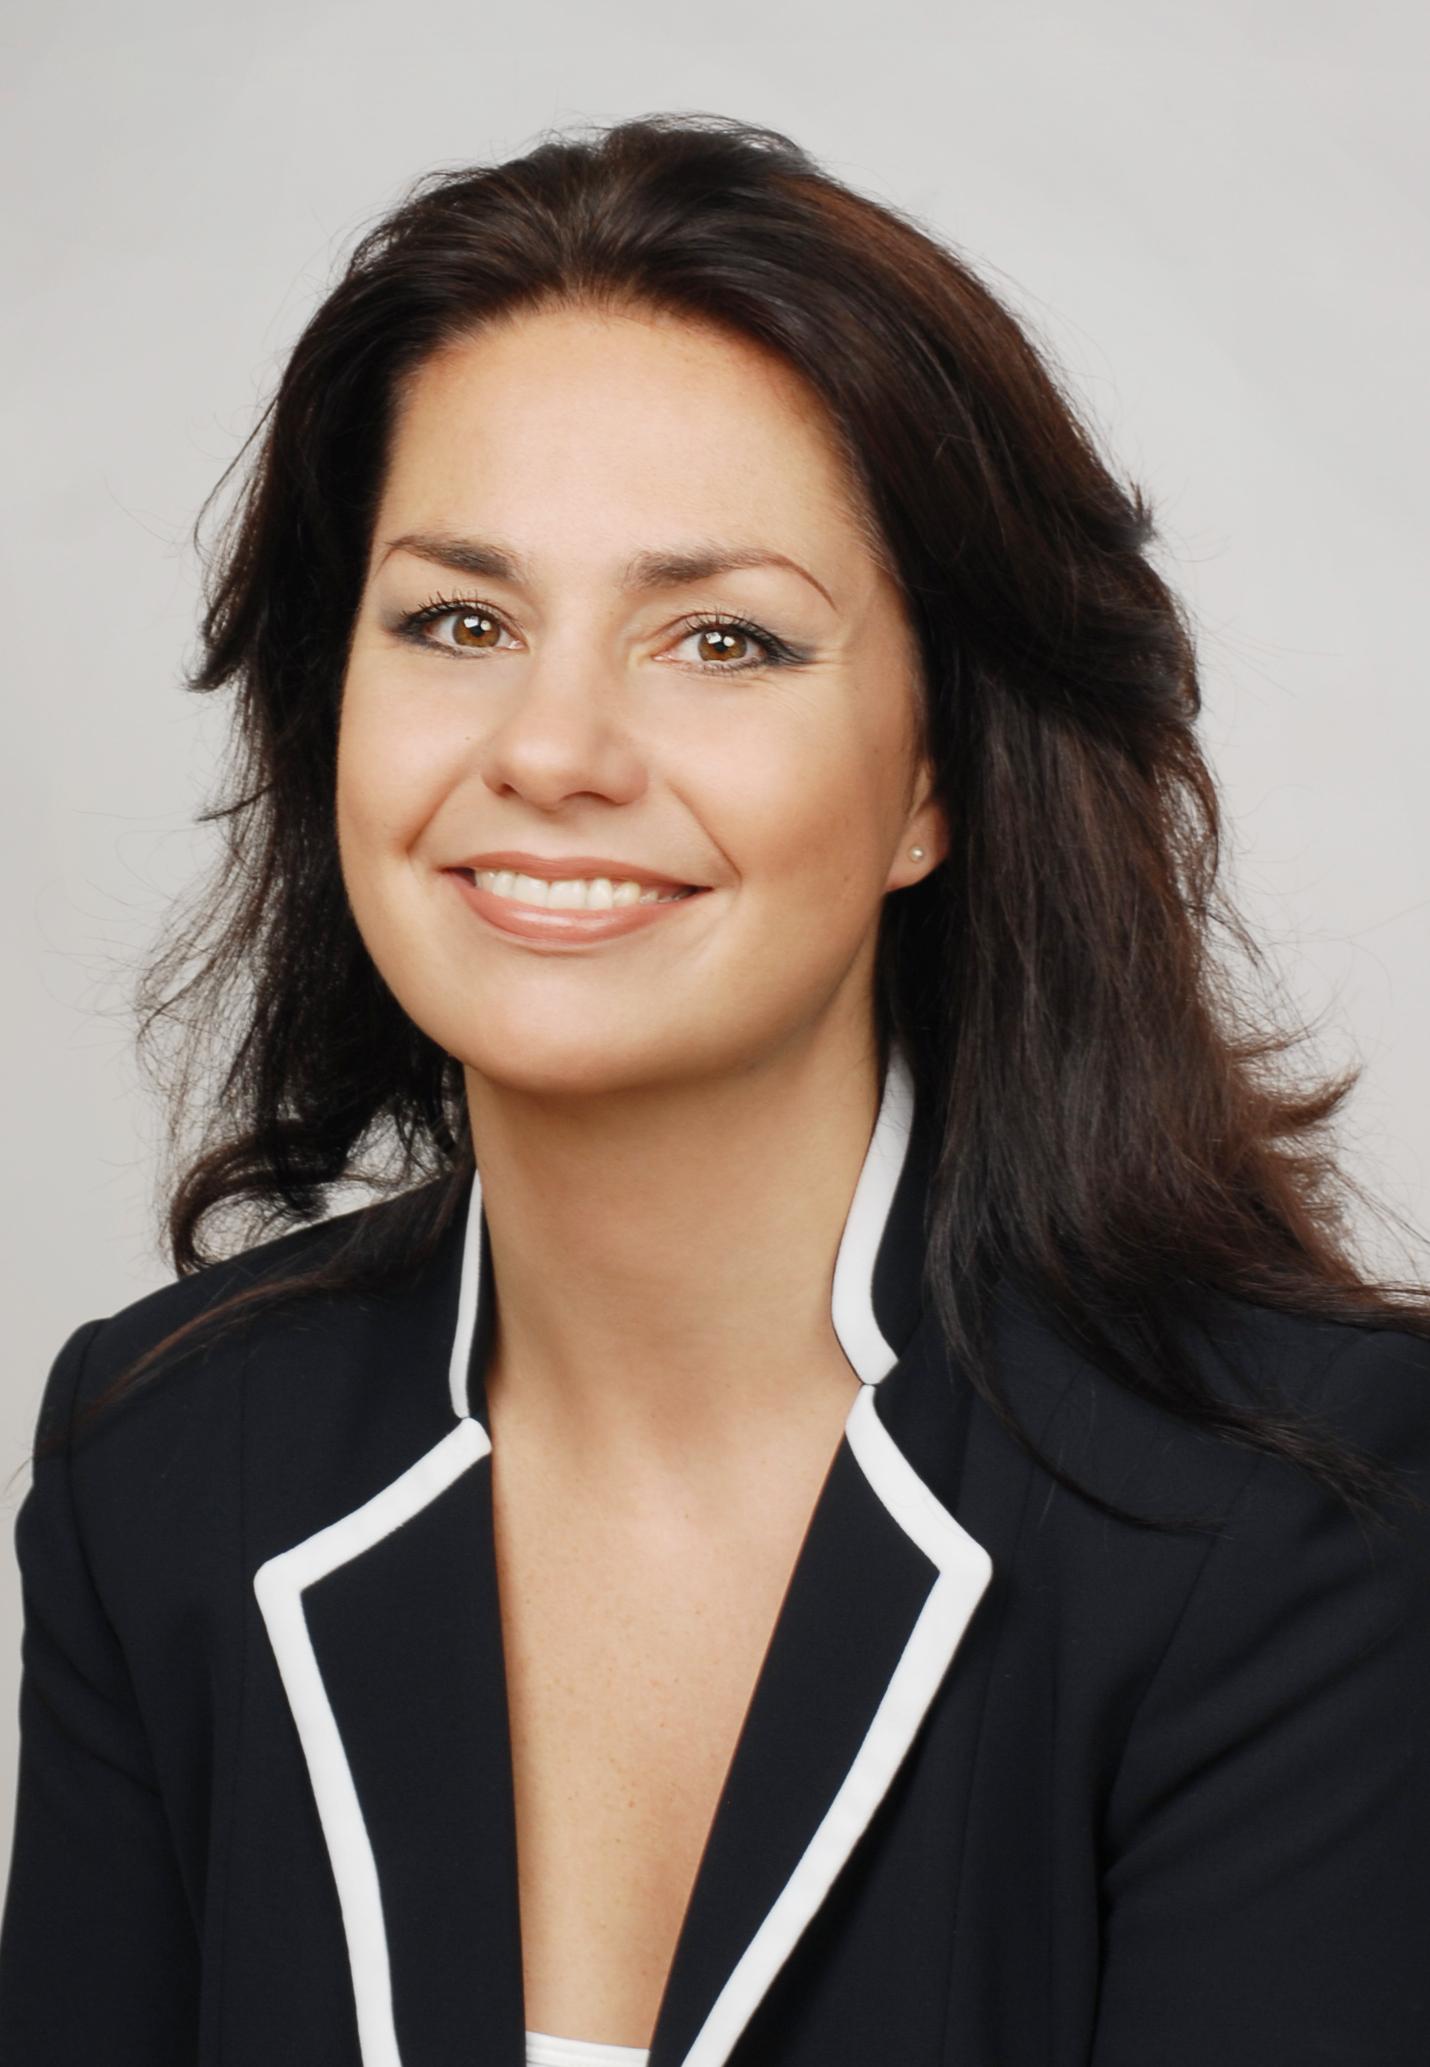 Heidi Allen Mp Backs Net Zero Carbon Emissions Carbon